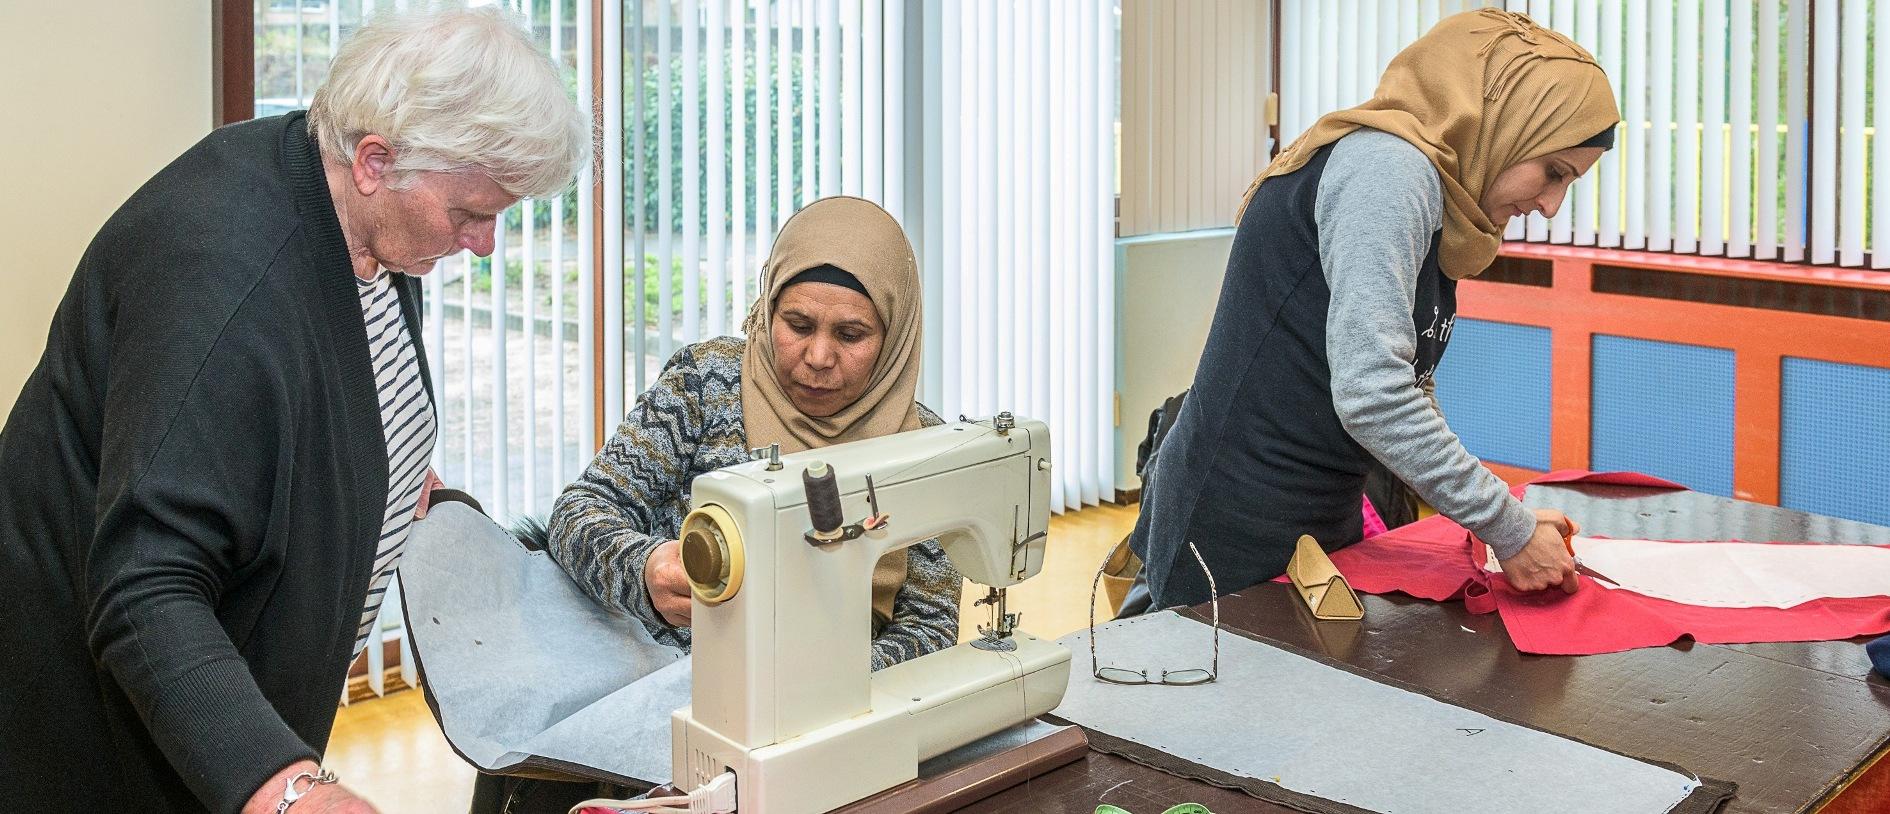 Begeleiding tijdens de basiscursus 'Naaien & kleding herstellen' (foto: © Hans Lebbe/HLP images)